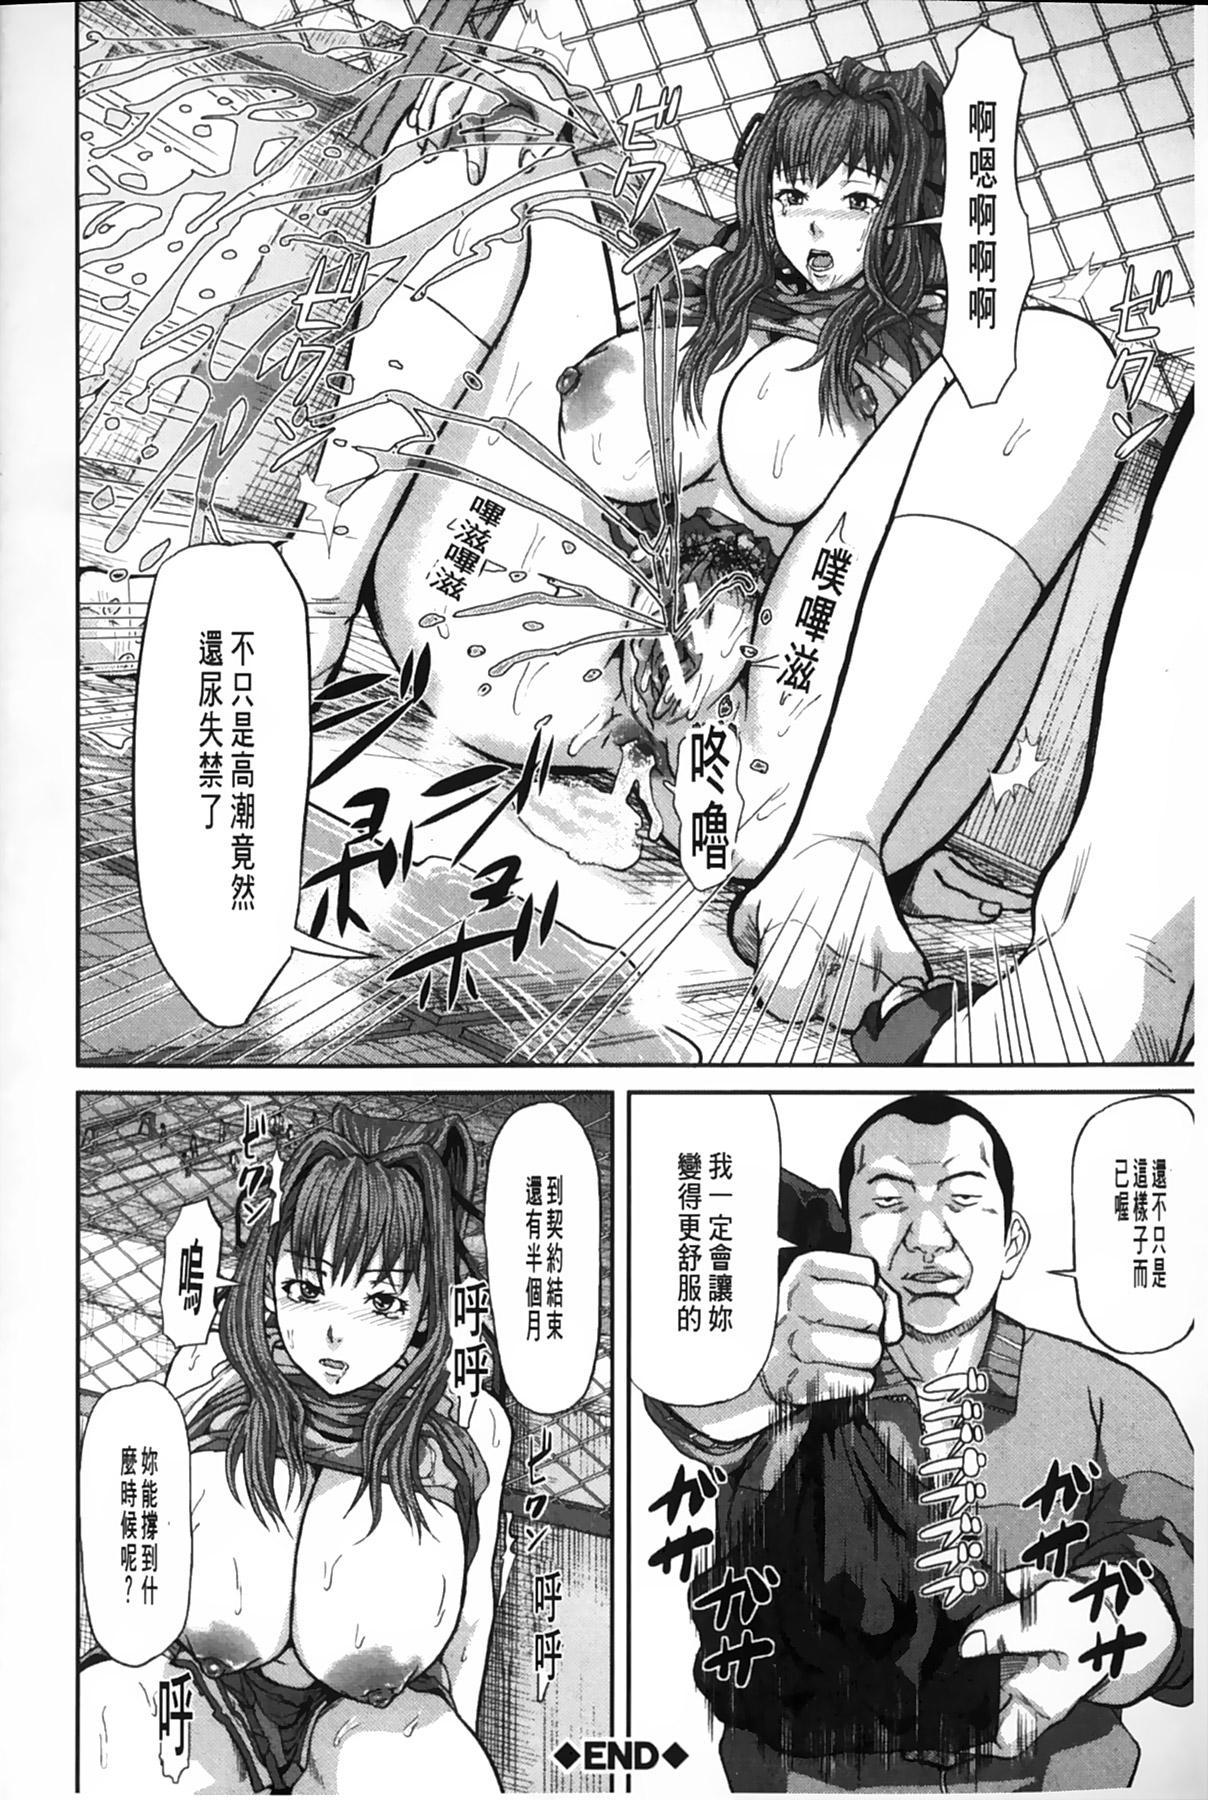 [Honebuto Danshaku] Onna Jigoku Niku no Tsubo~Hentai Rui Inran Ka Mesu Buta Ichidaiki~ | 女地獄、肉之壺 ~変態類淫乱科淫母豬一代記~ [Chinese] 136